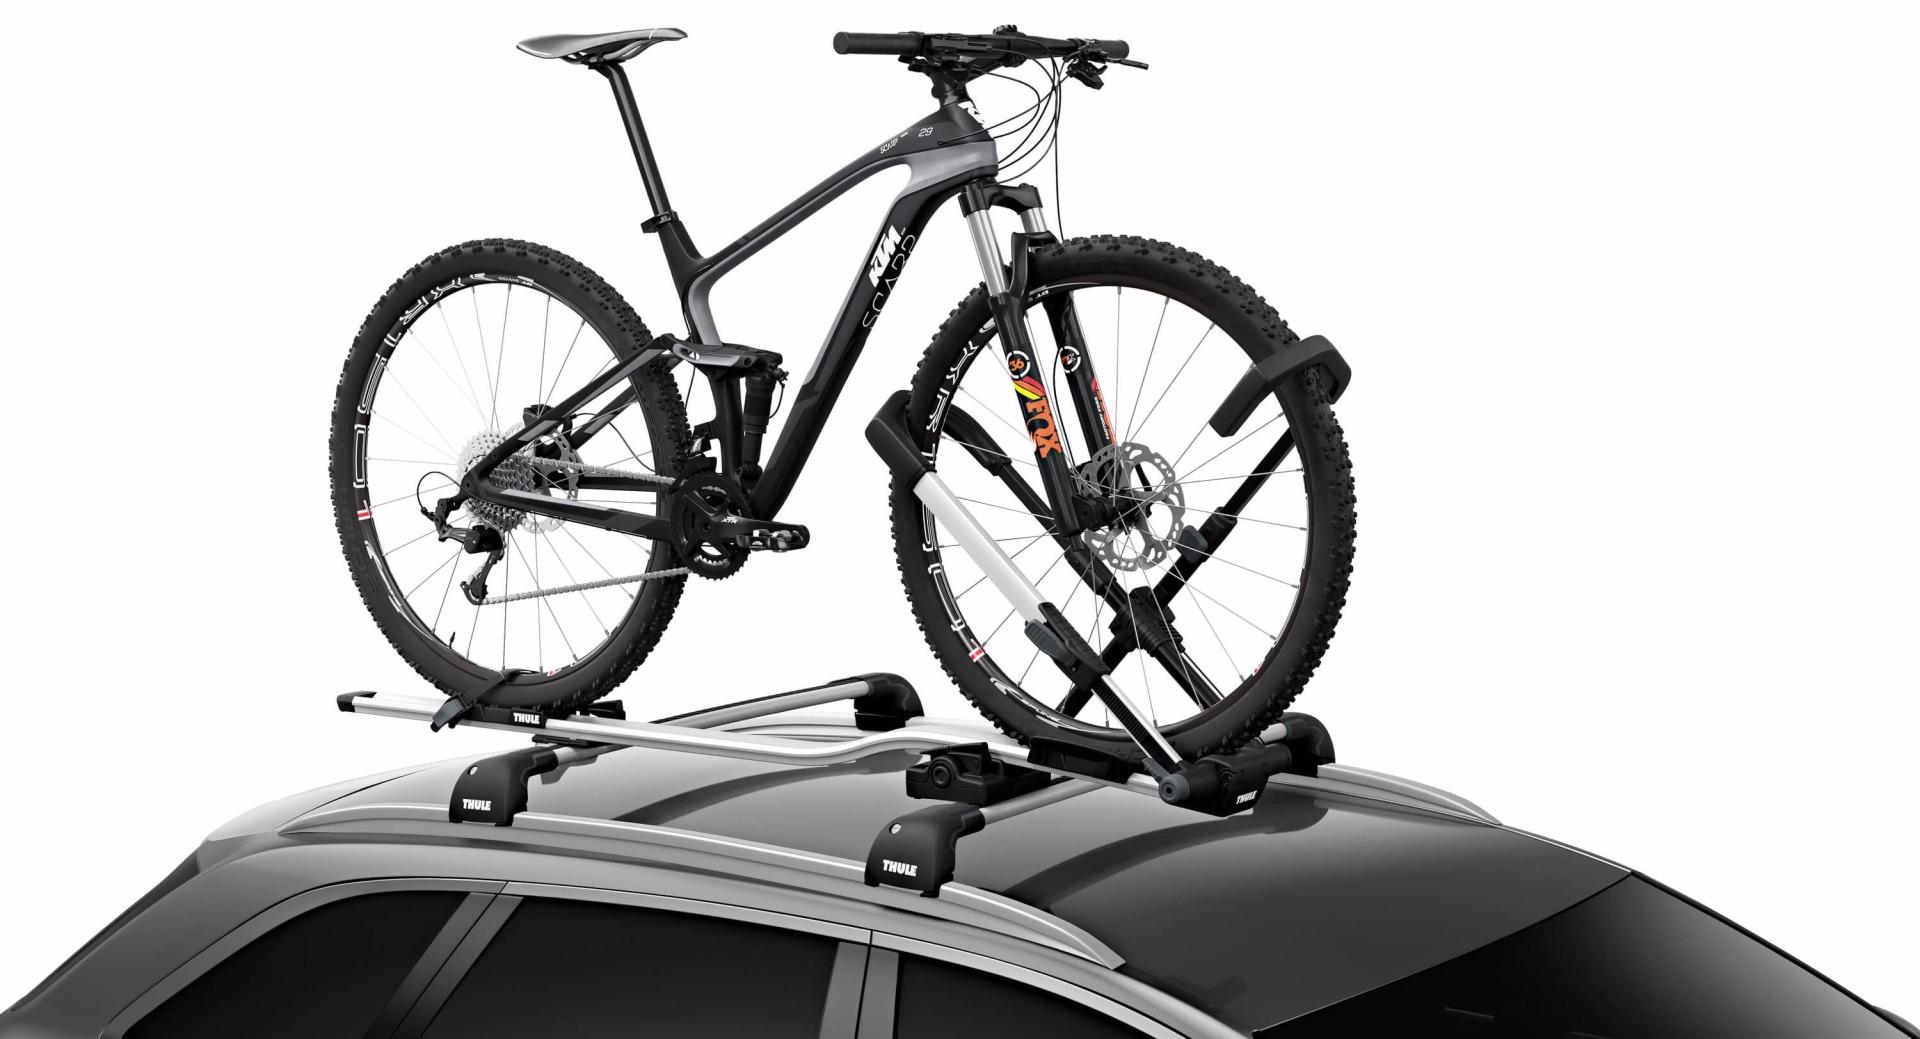 Thule UpRide 599 крепление для перевозки велосипеда на крыше автомобиля